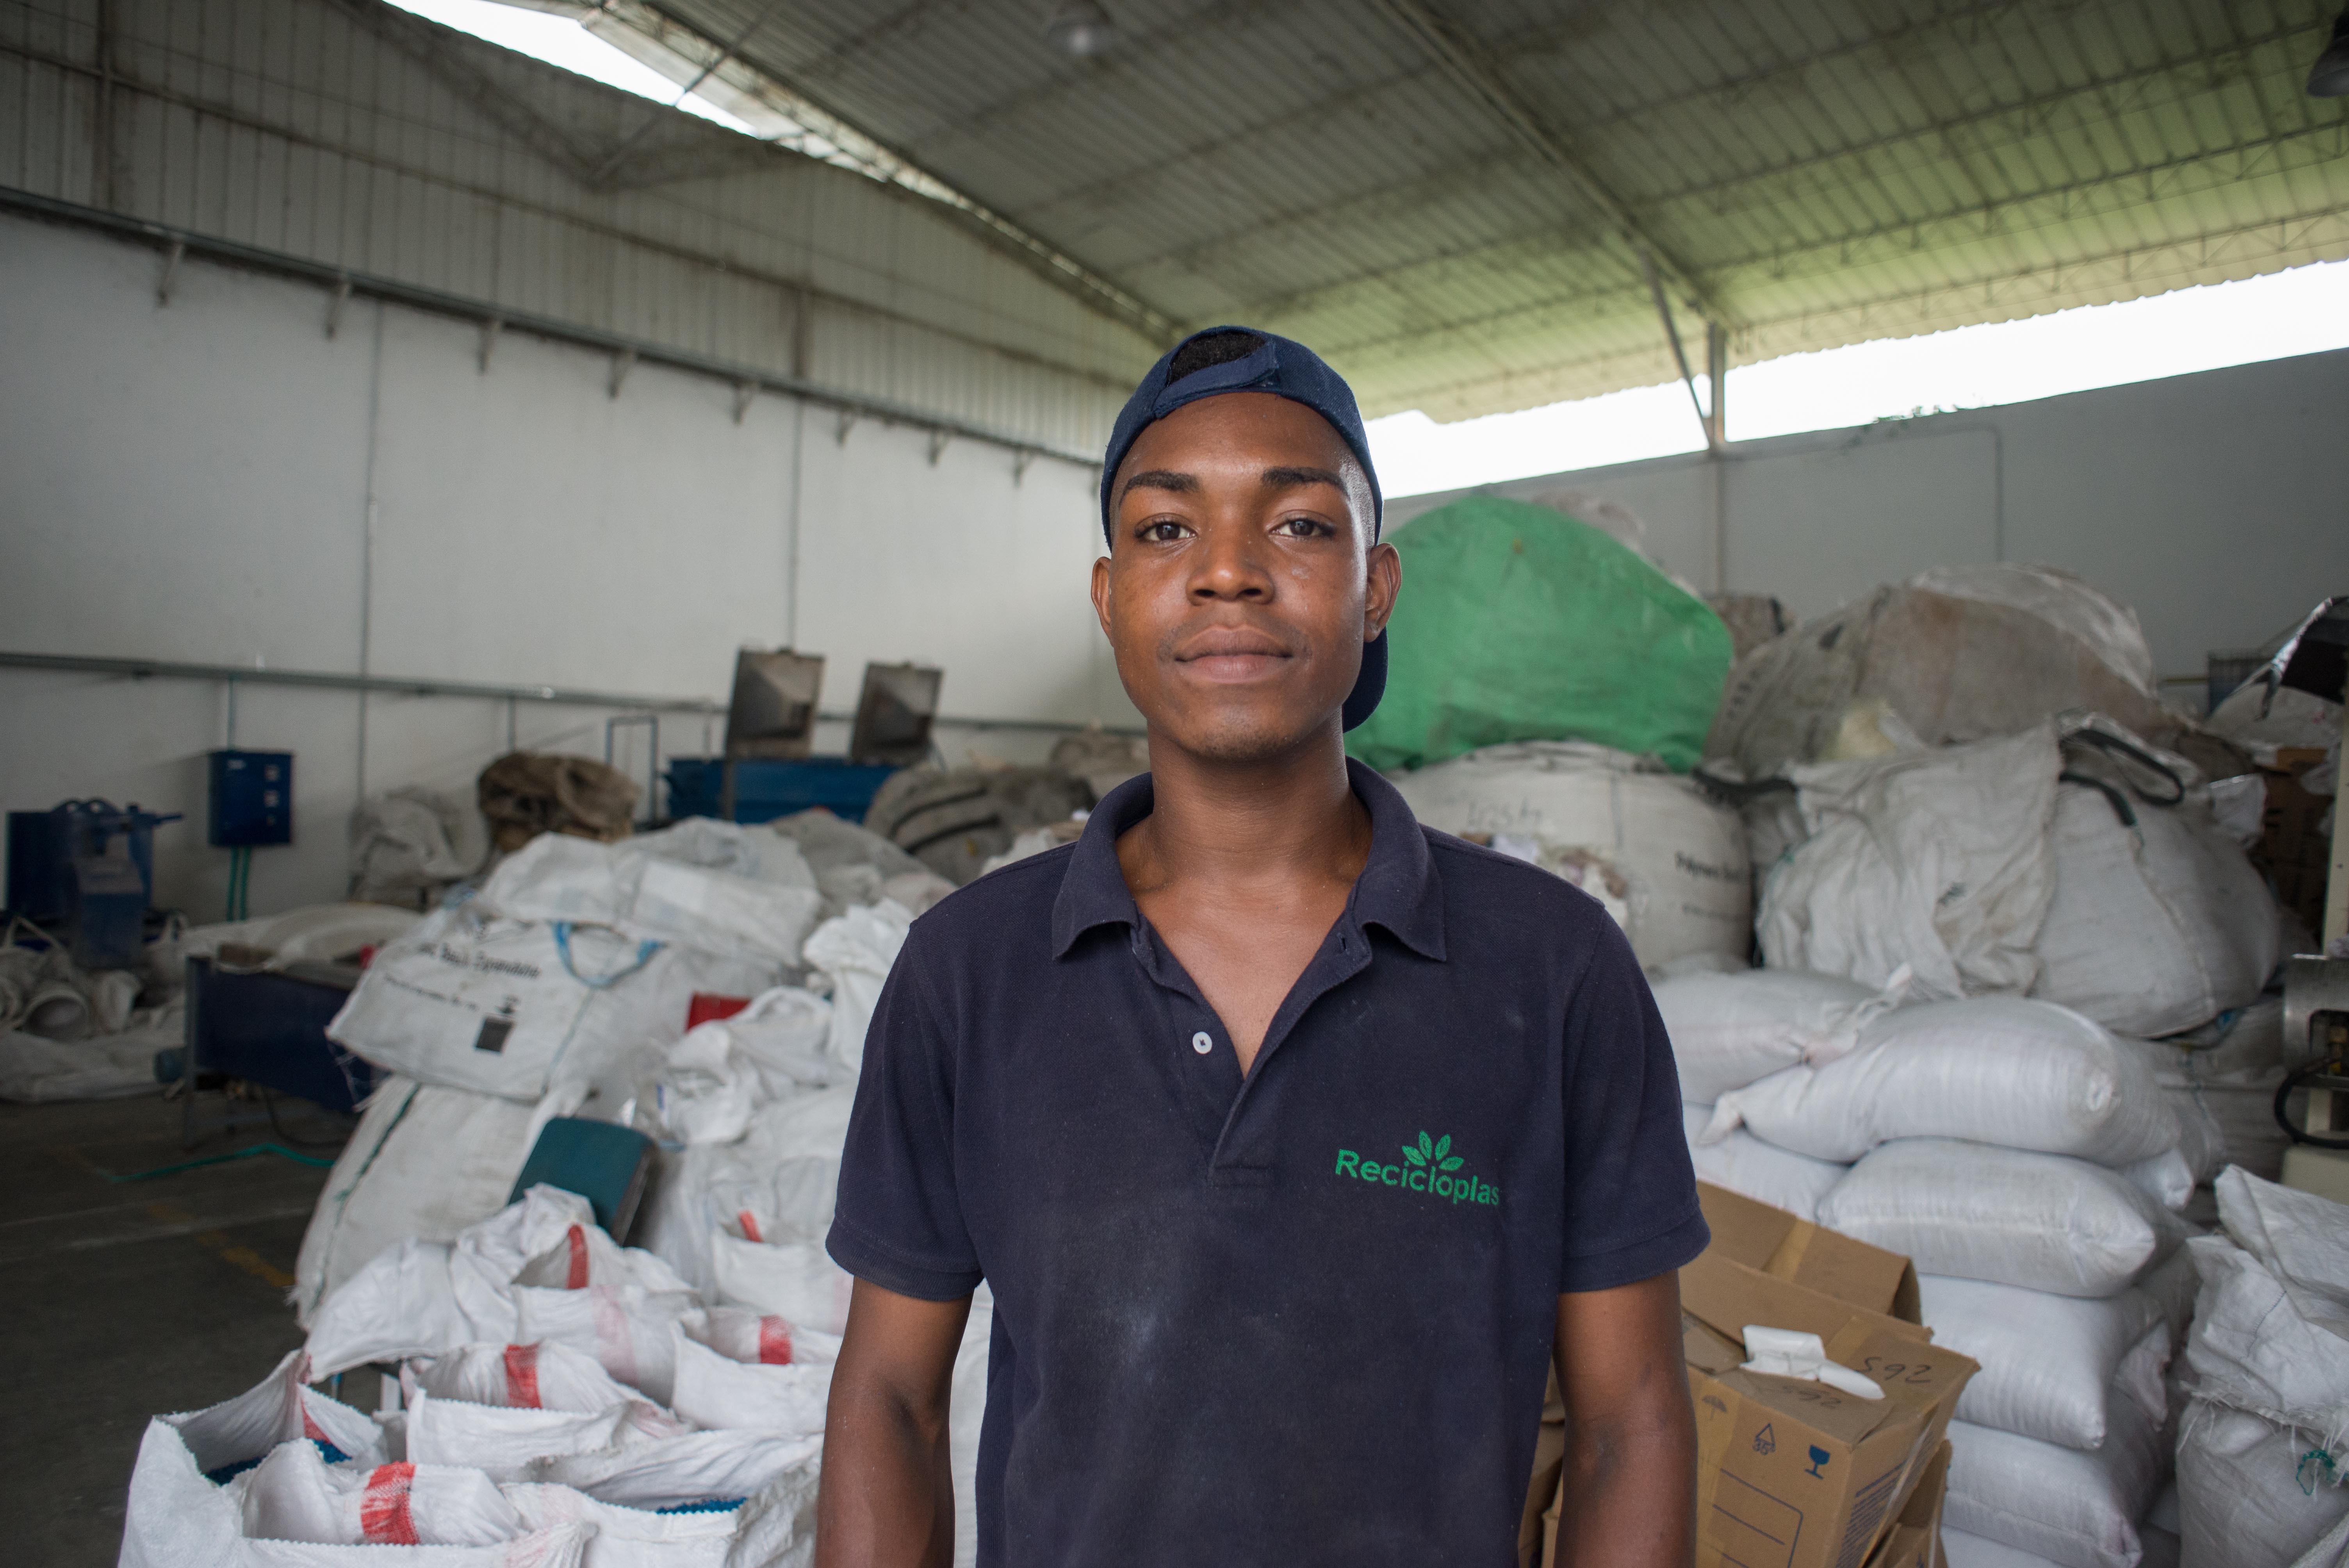 Fundación Carvajal: Inclusión social de la comunidad recicladora. Cortesía Fundación Carvajal